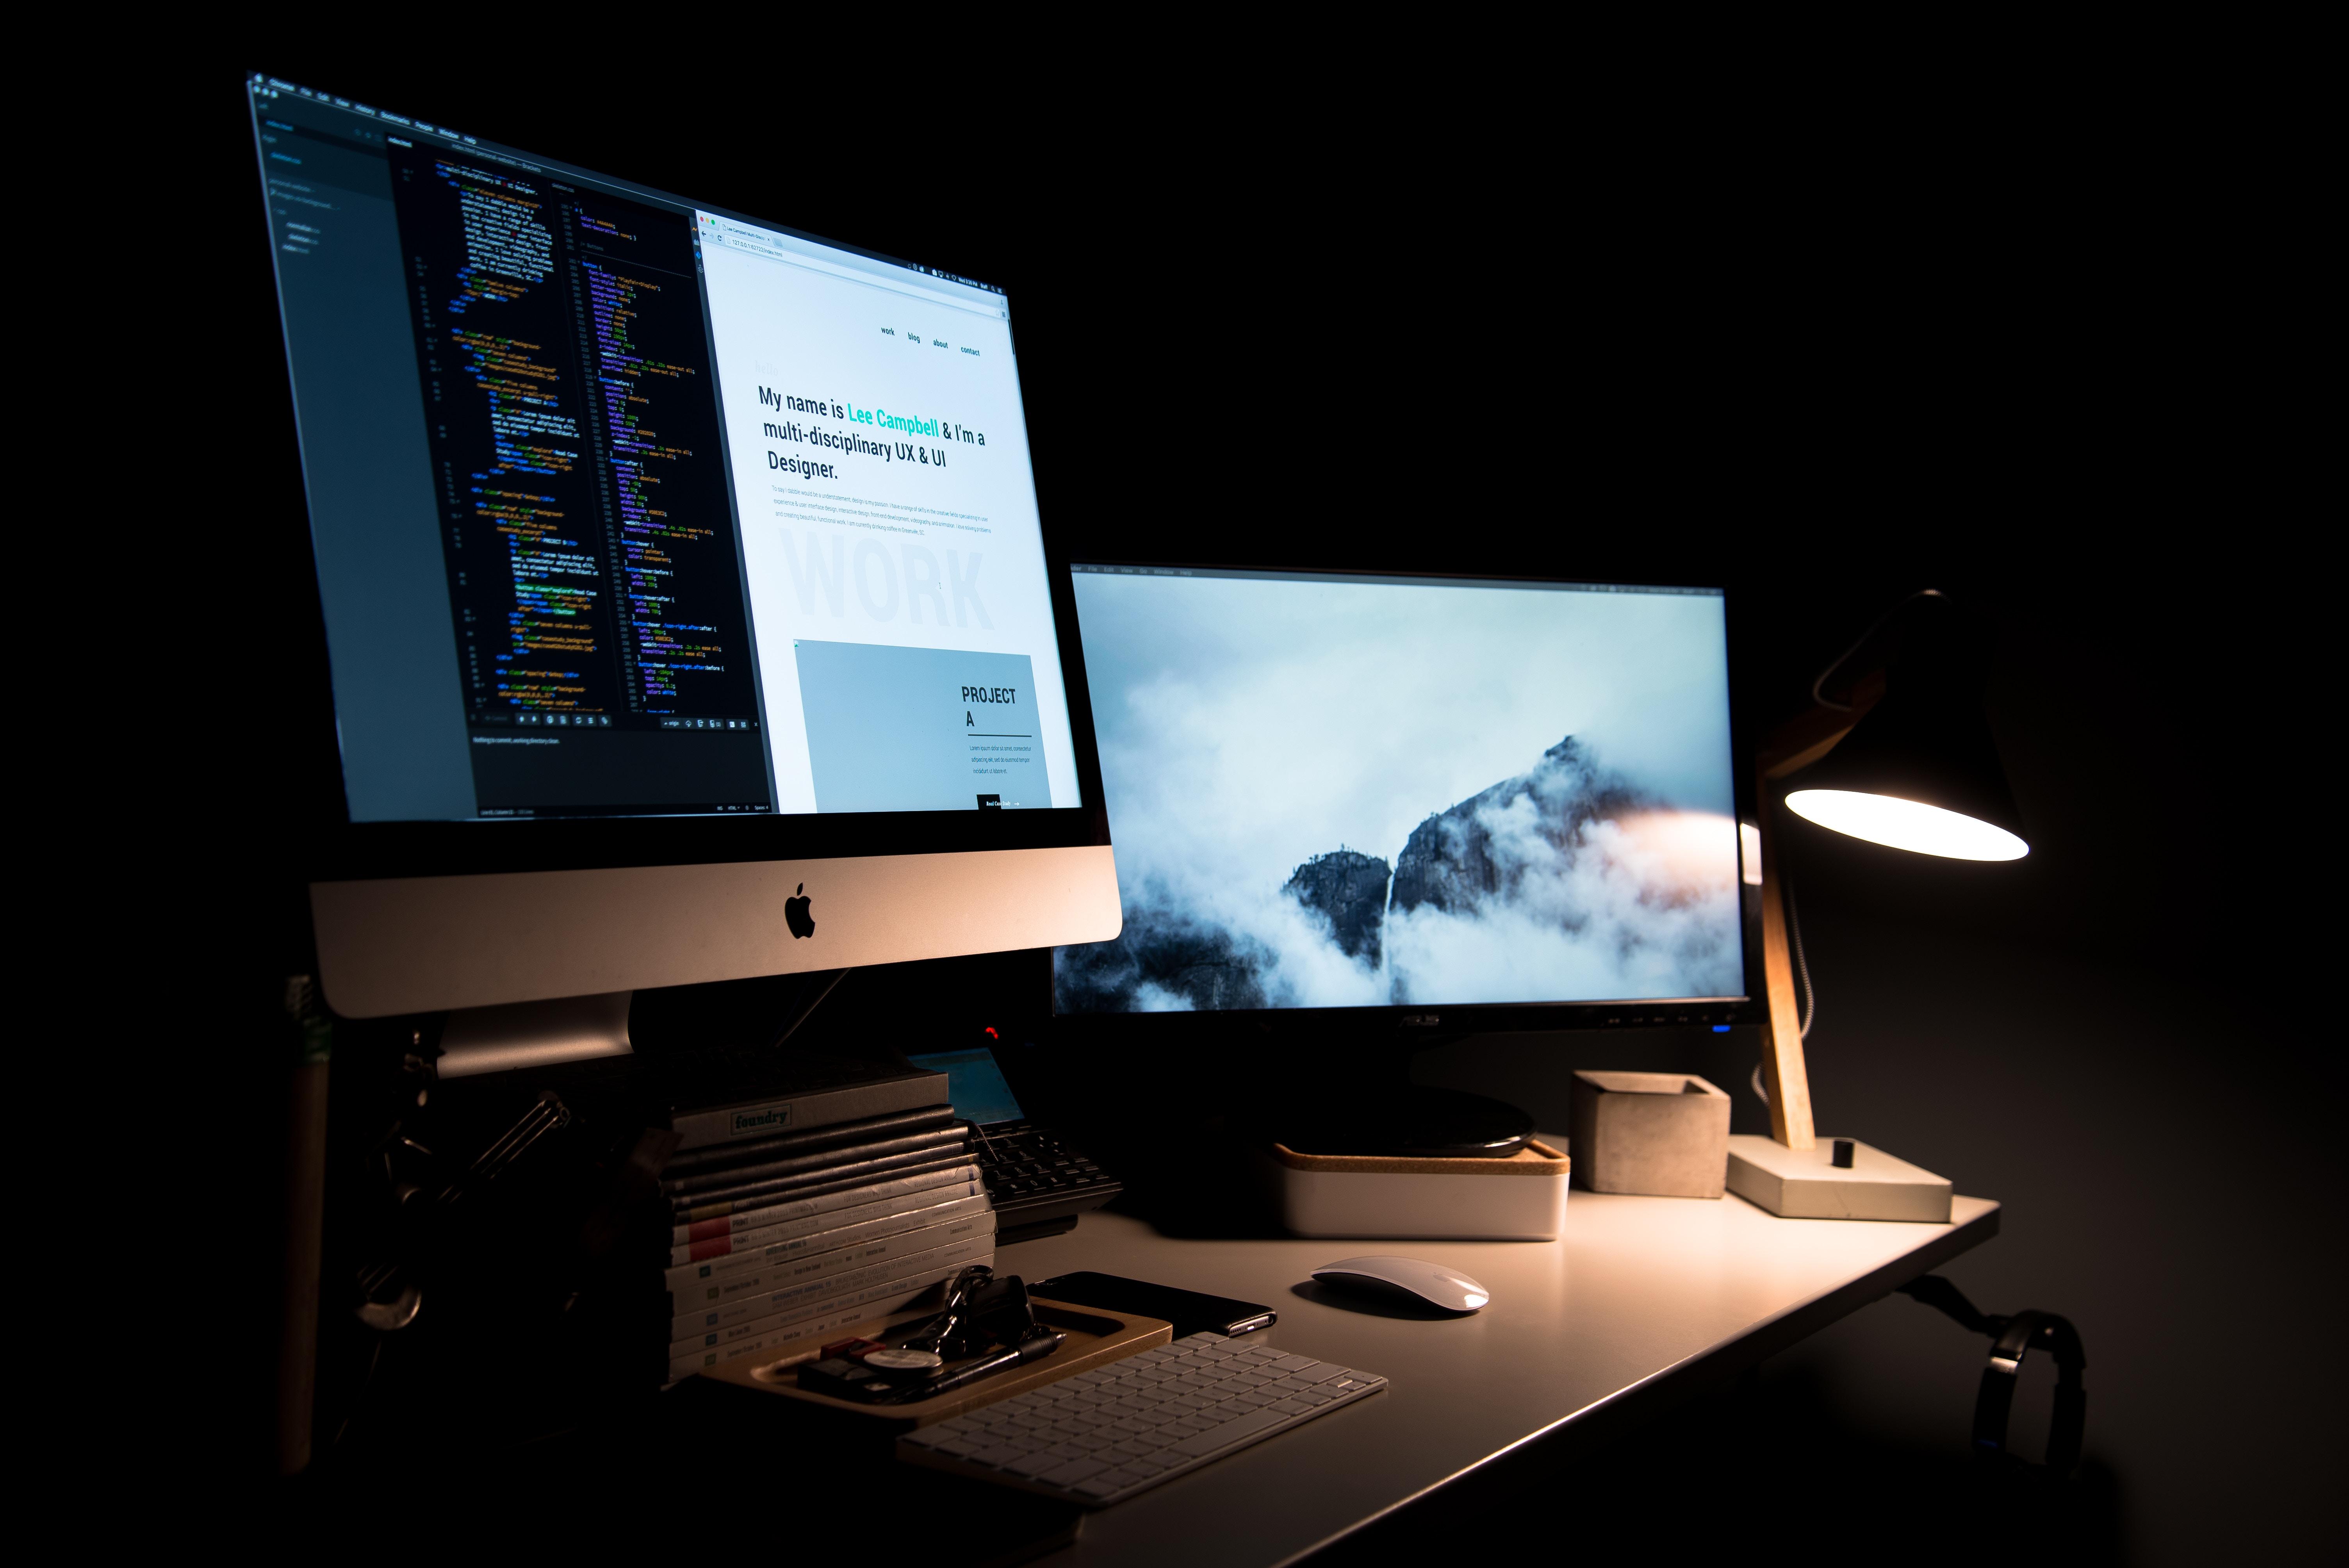 apple računalo za radnim stolom, ured u mraku po noći